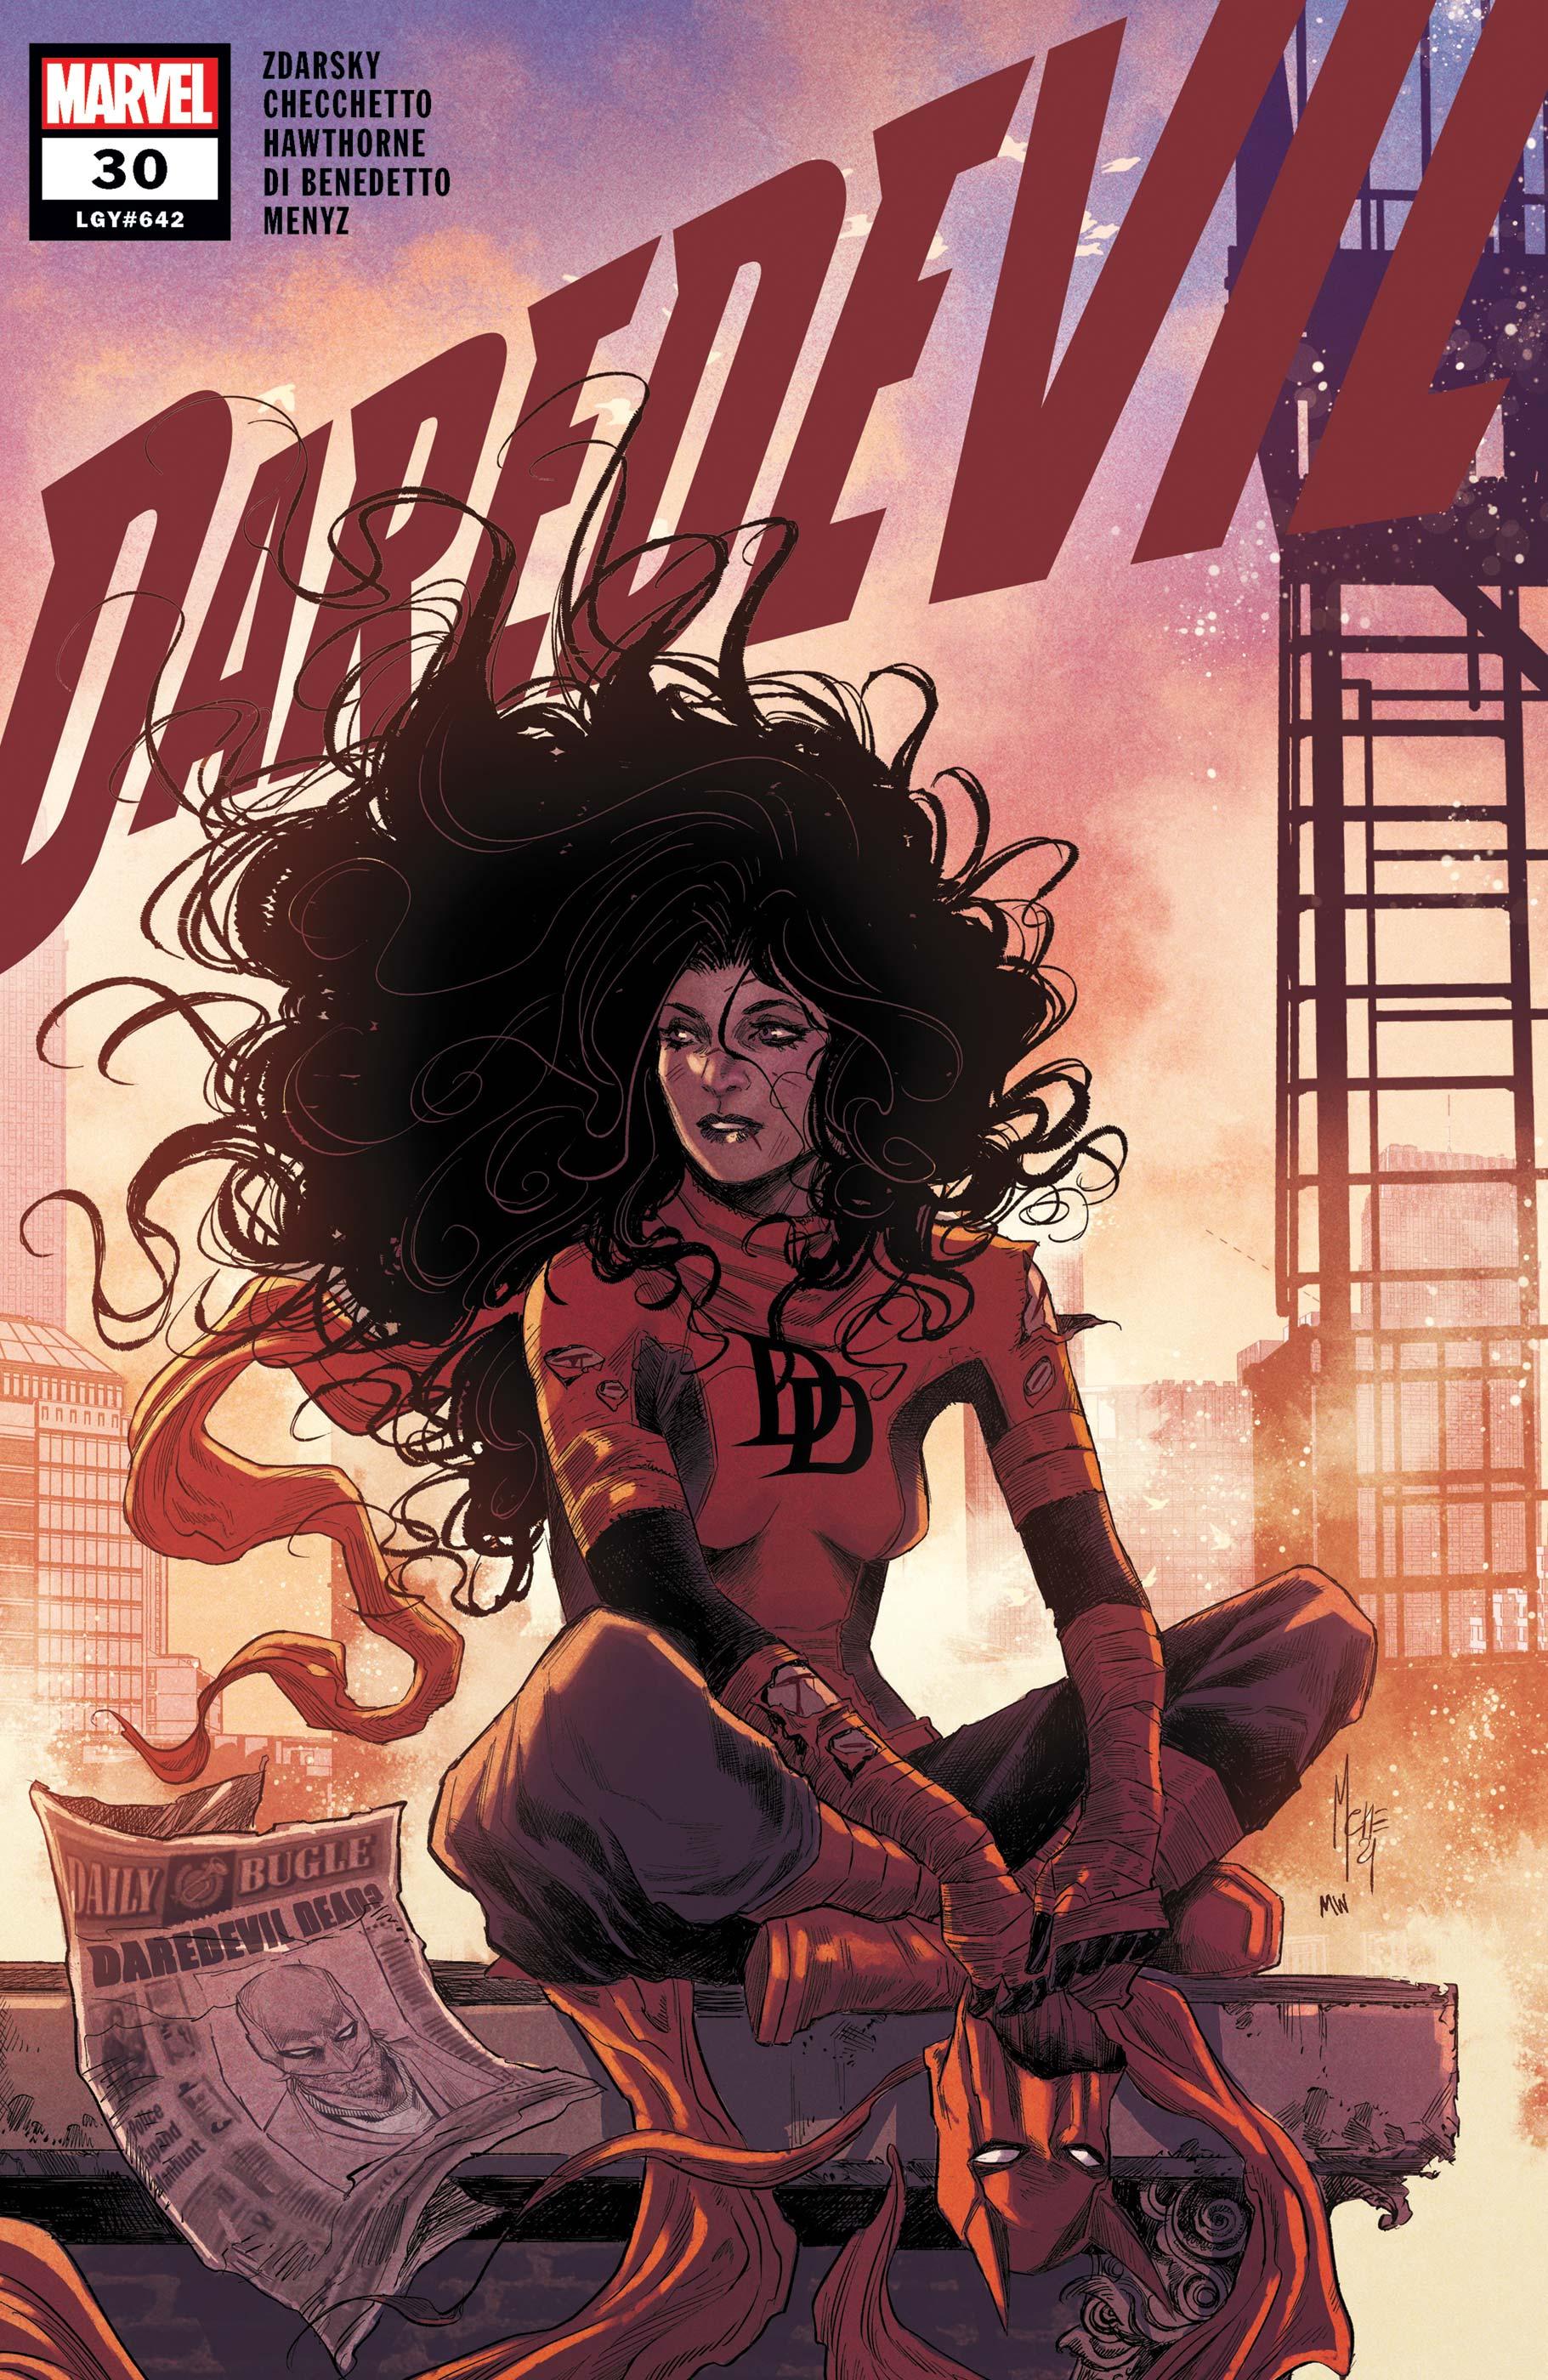 Daredevil (2019) #30